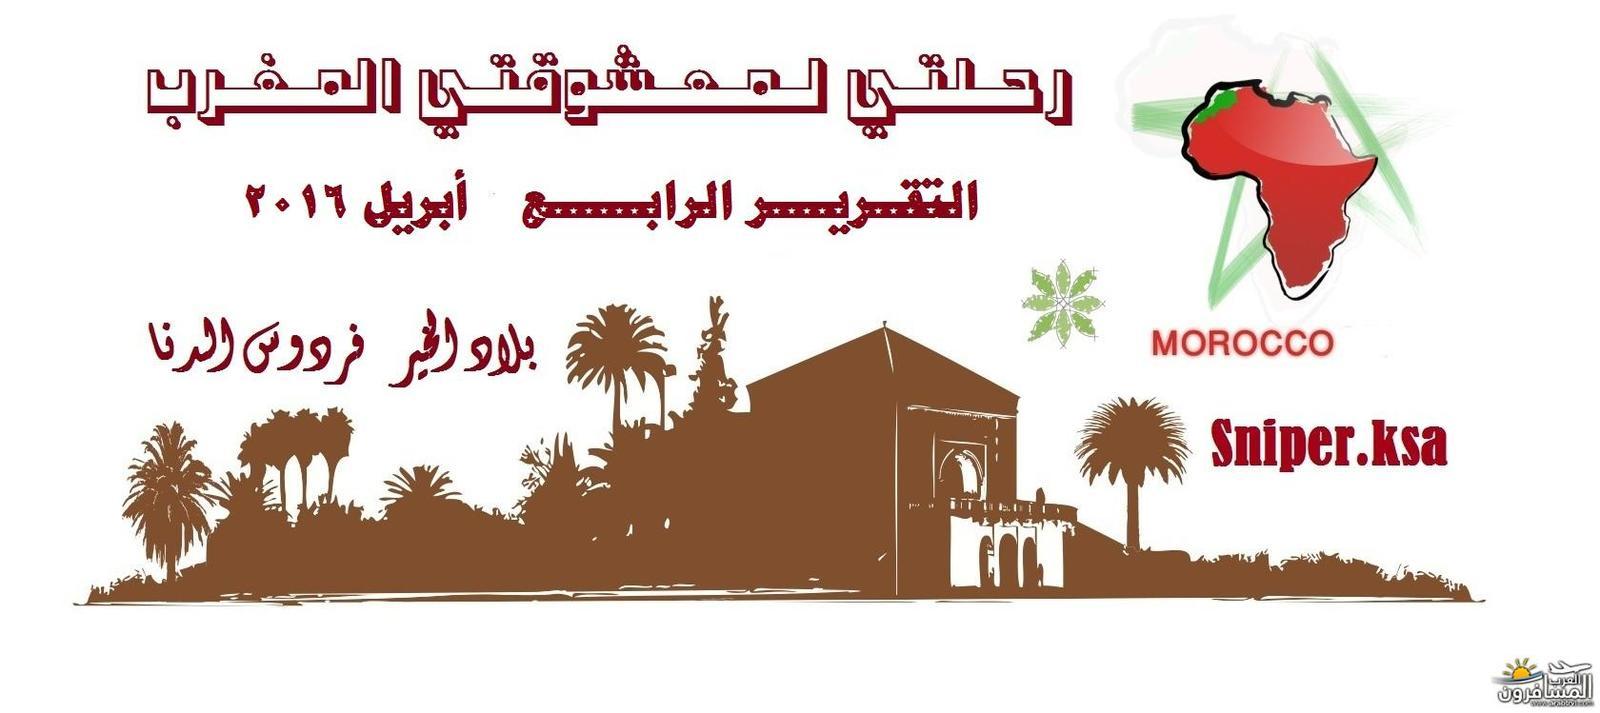 arabtrvl1464606913814.jpg